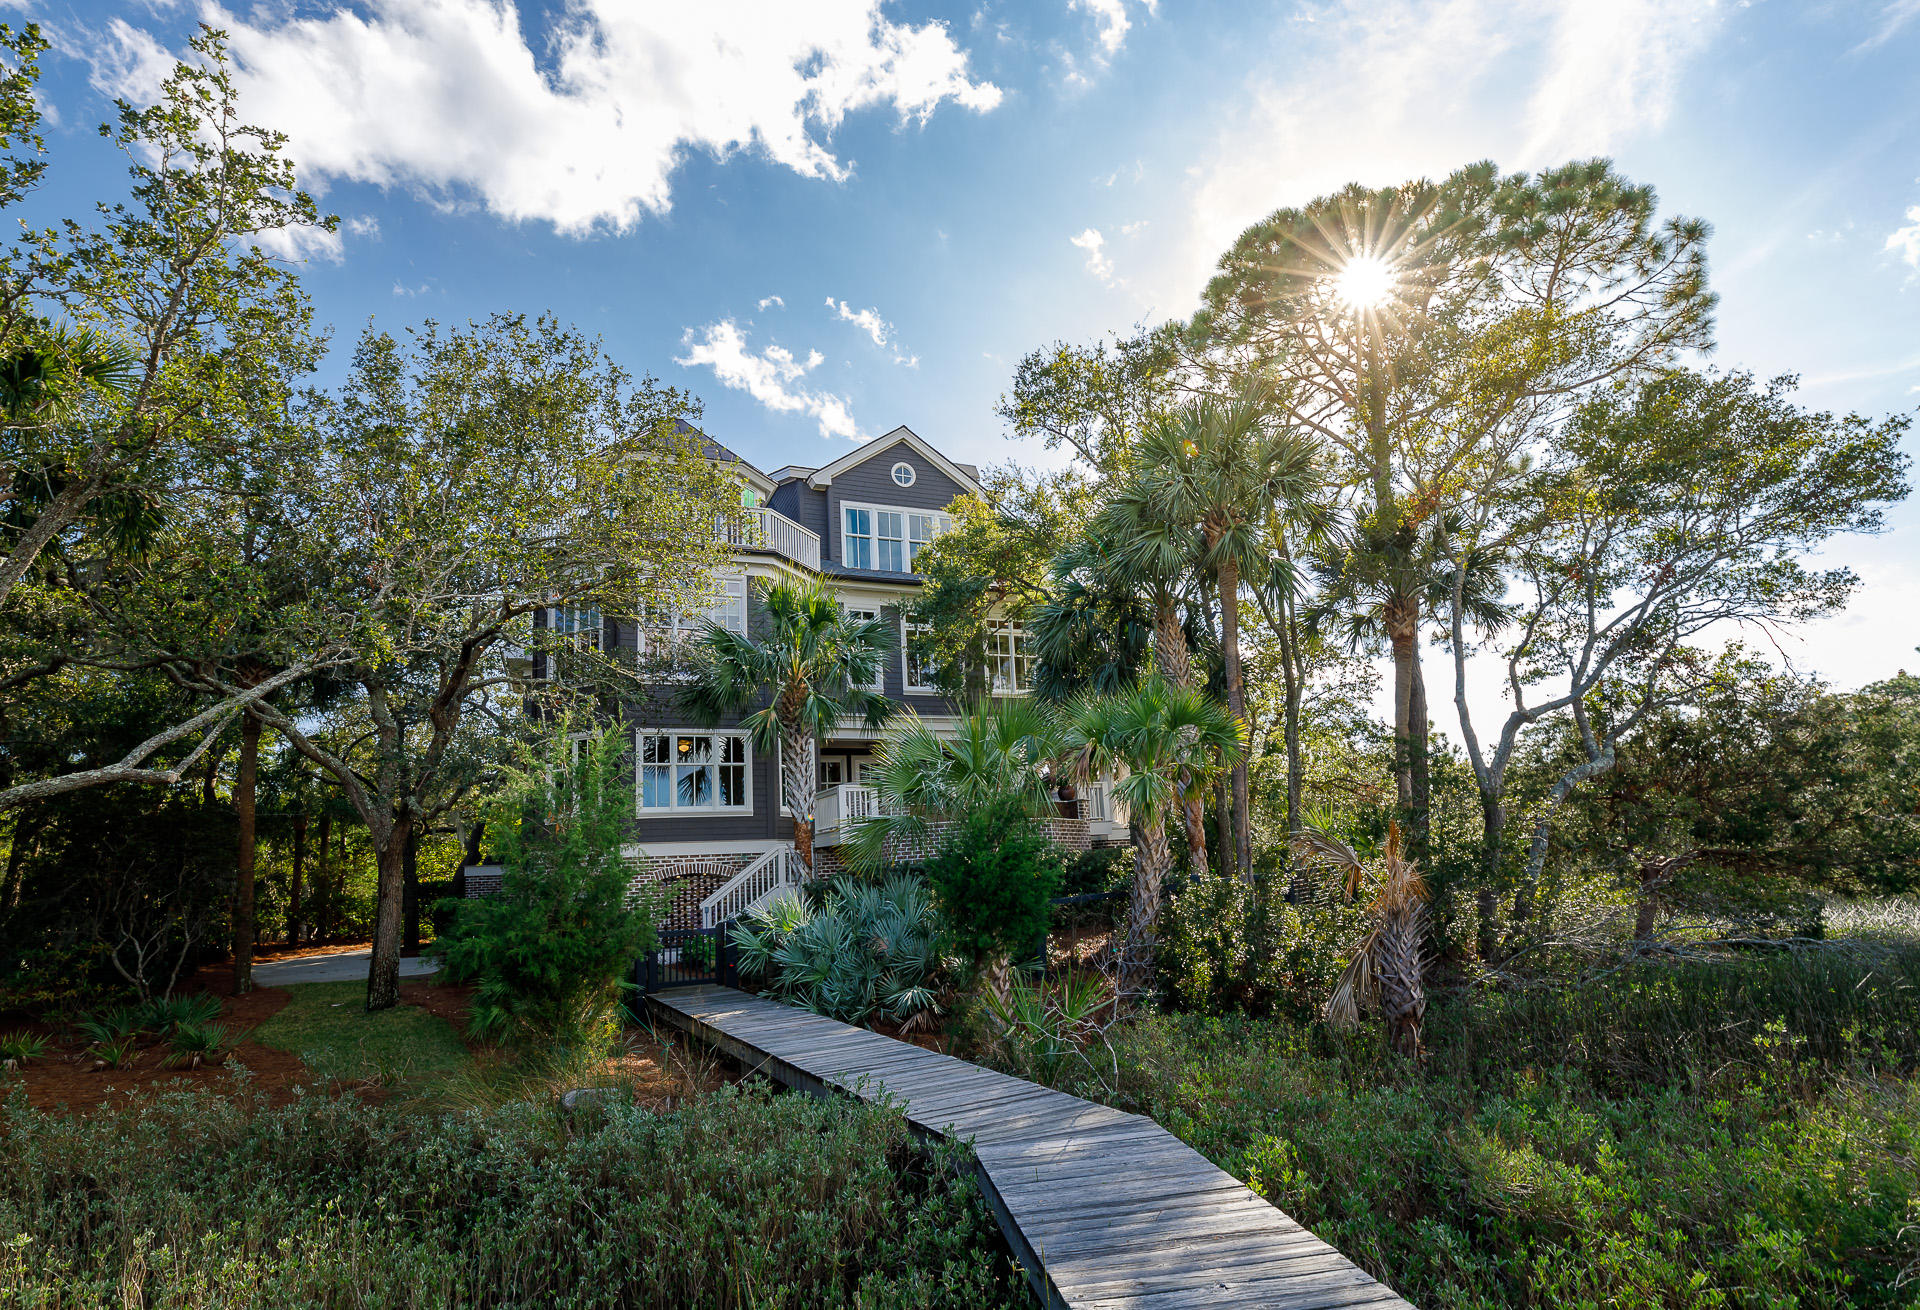 Kiawah Island Homes For Sale - 70 Otter Island, Kiawah Island, SC - 0